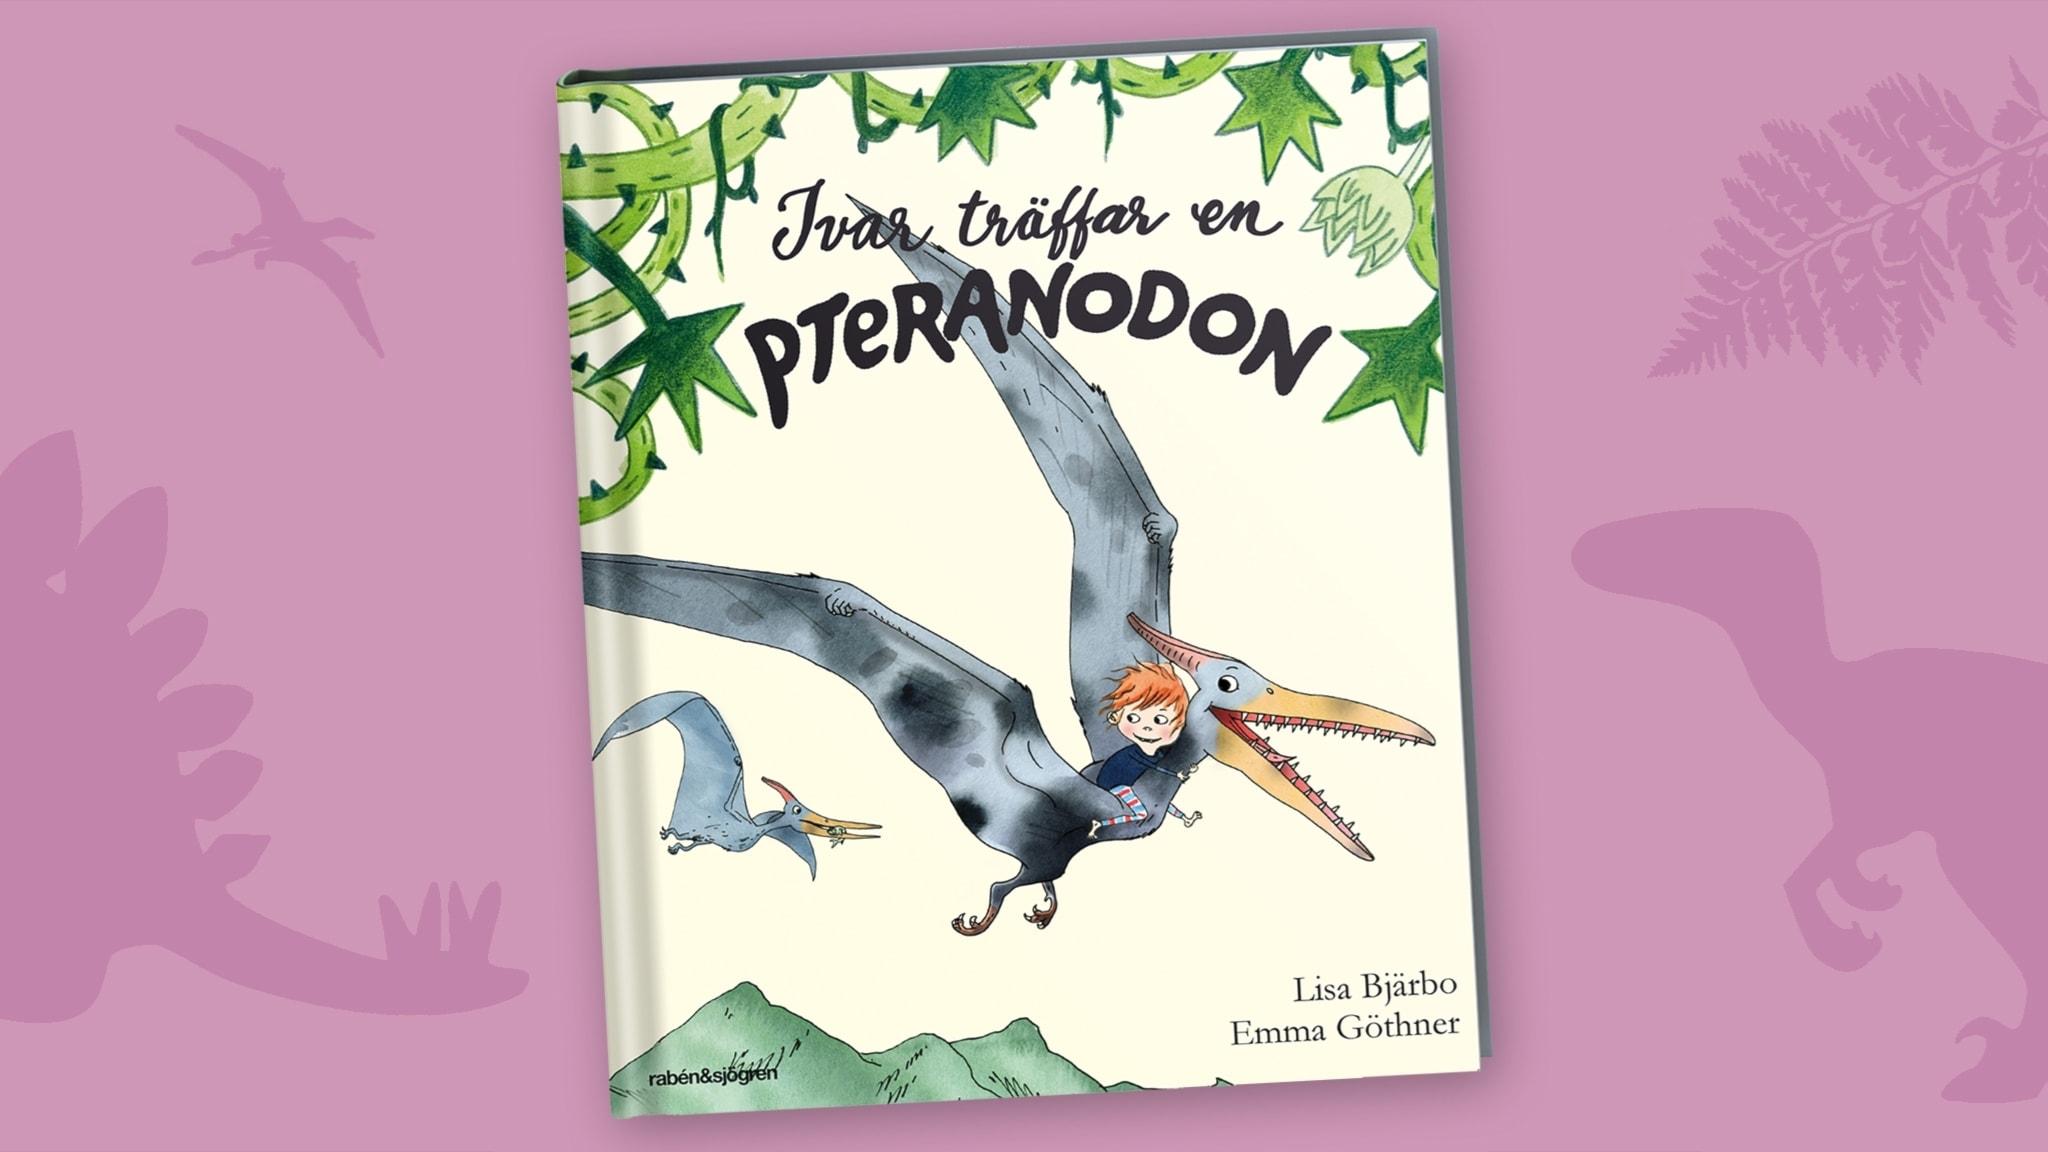 Saga: Ivar träffar en Pteranodon